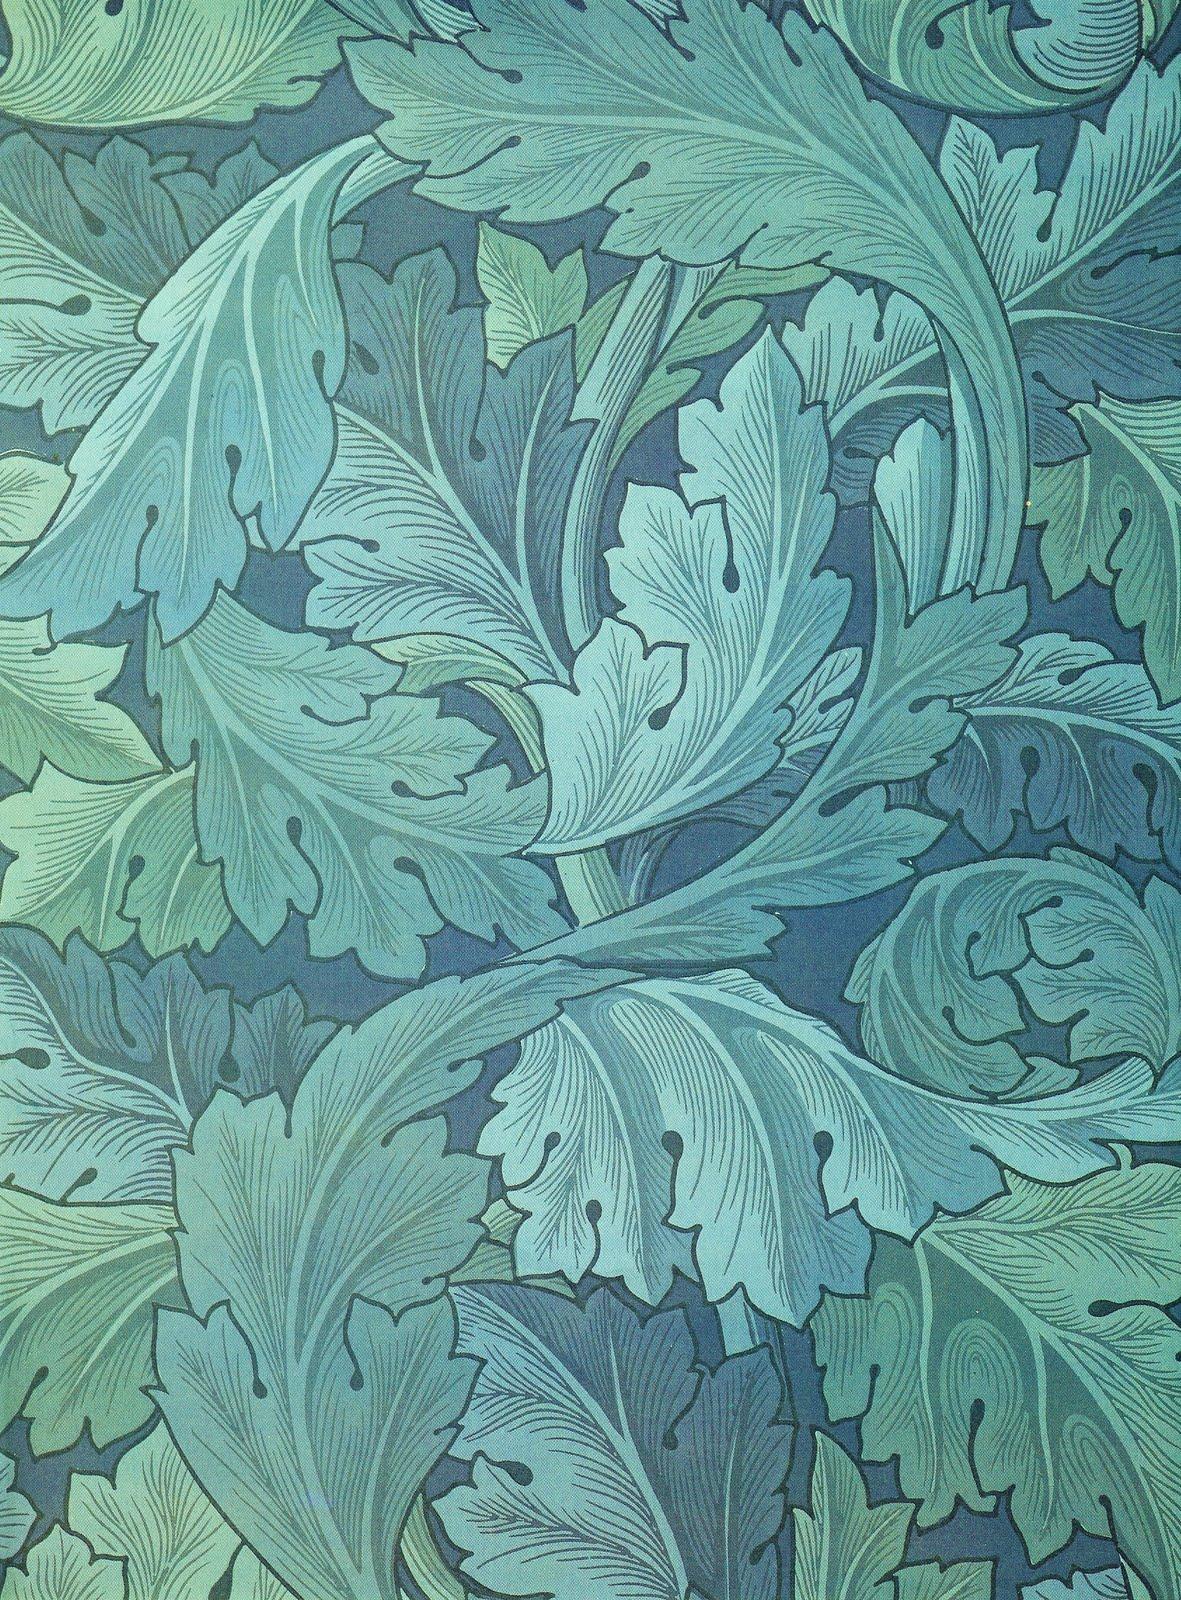 dr burnshead william morris 1873 acanthus wallpaper